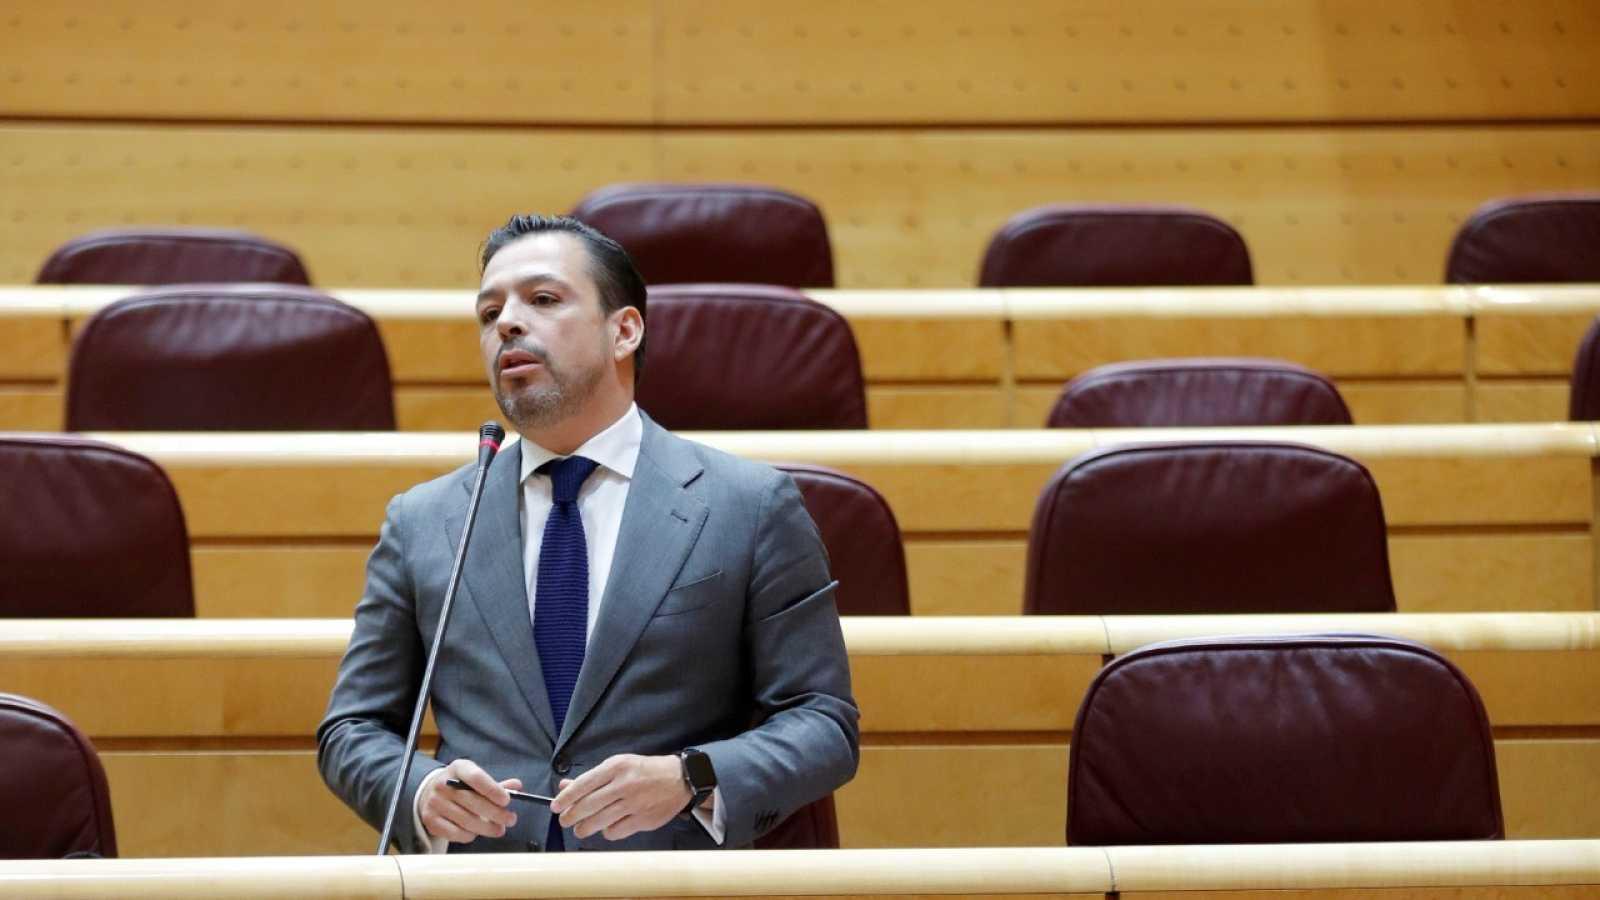 El senador del PP David Erguido renuncia a su escaño tras ser citado el 23 de octubre por el juez de la Púnica